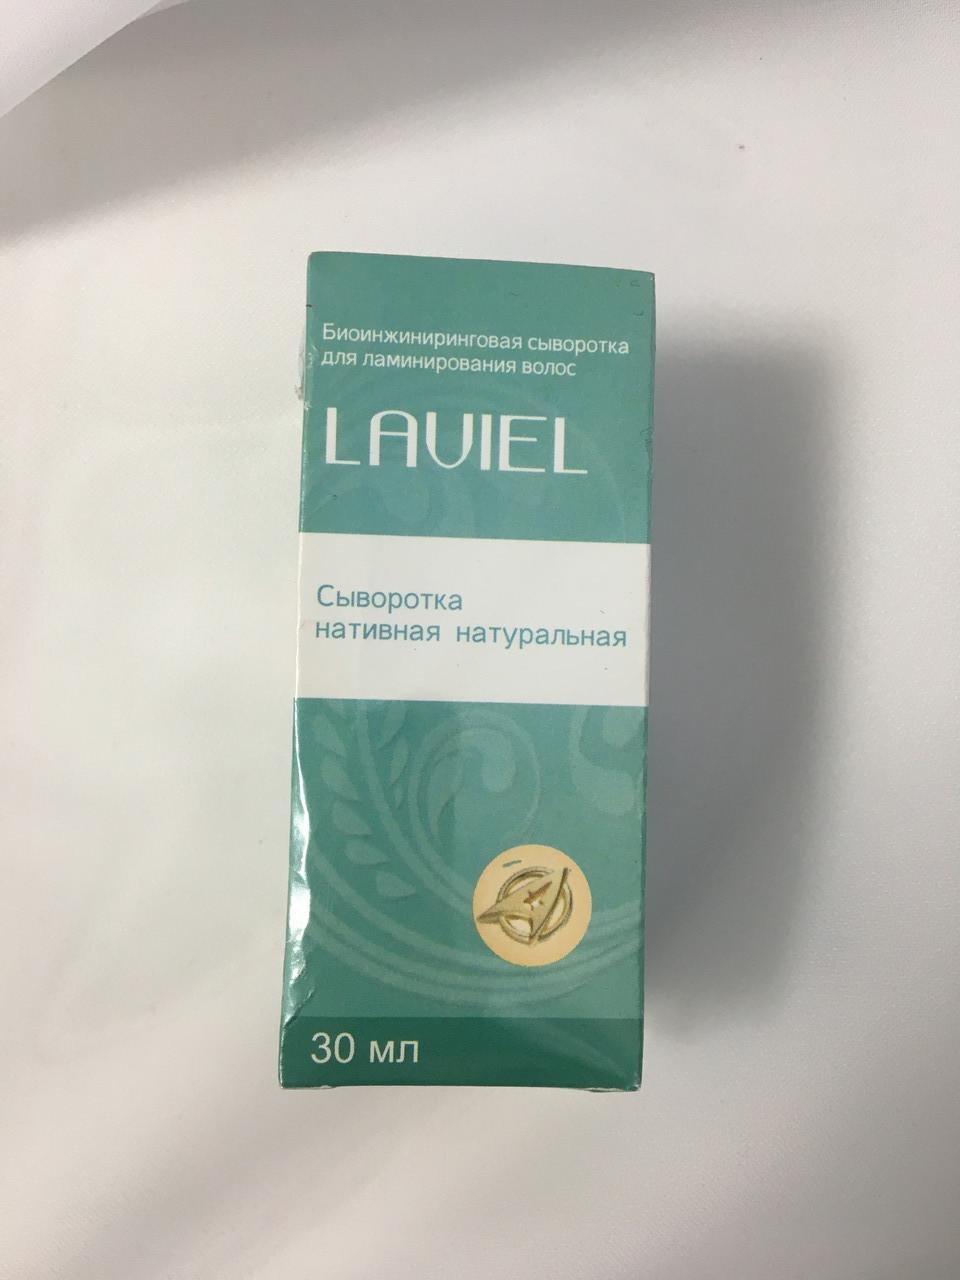 LAVIEL - Сыворотка для ламинирования волос 30мл